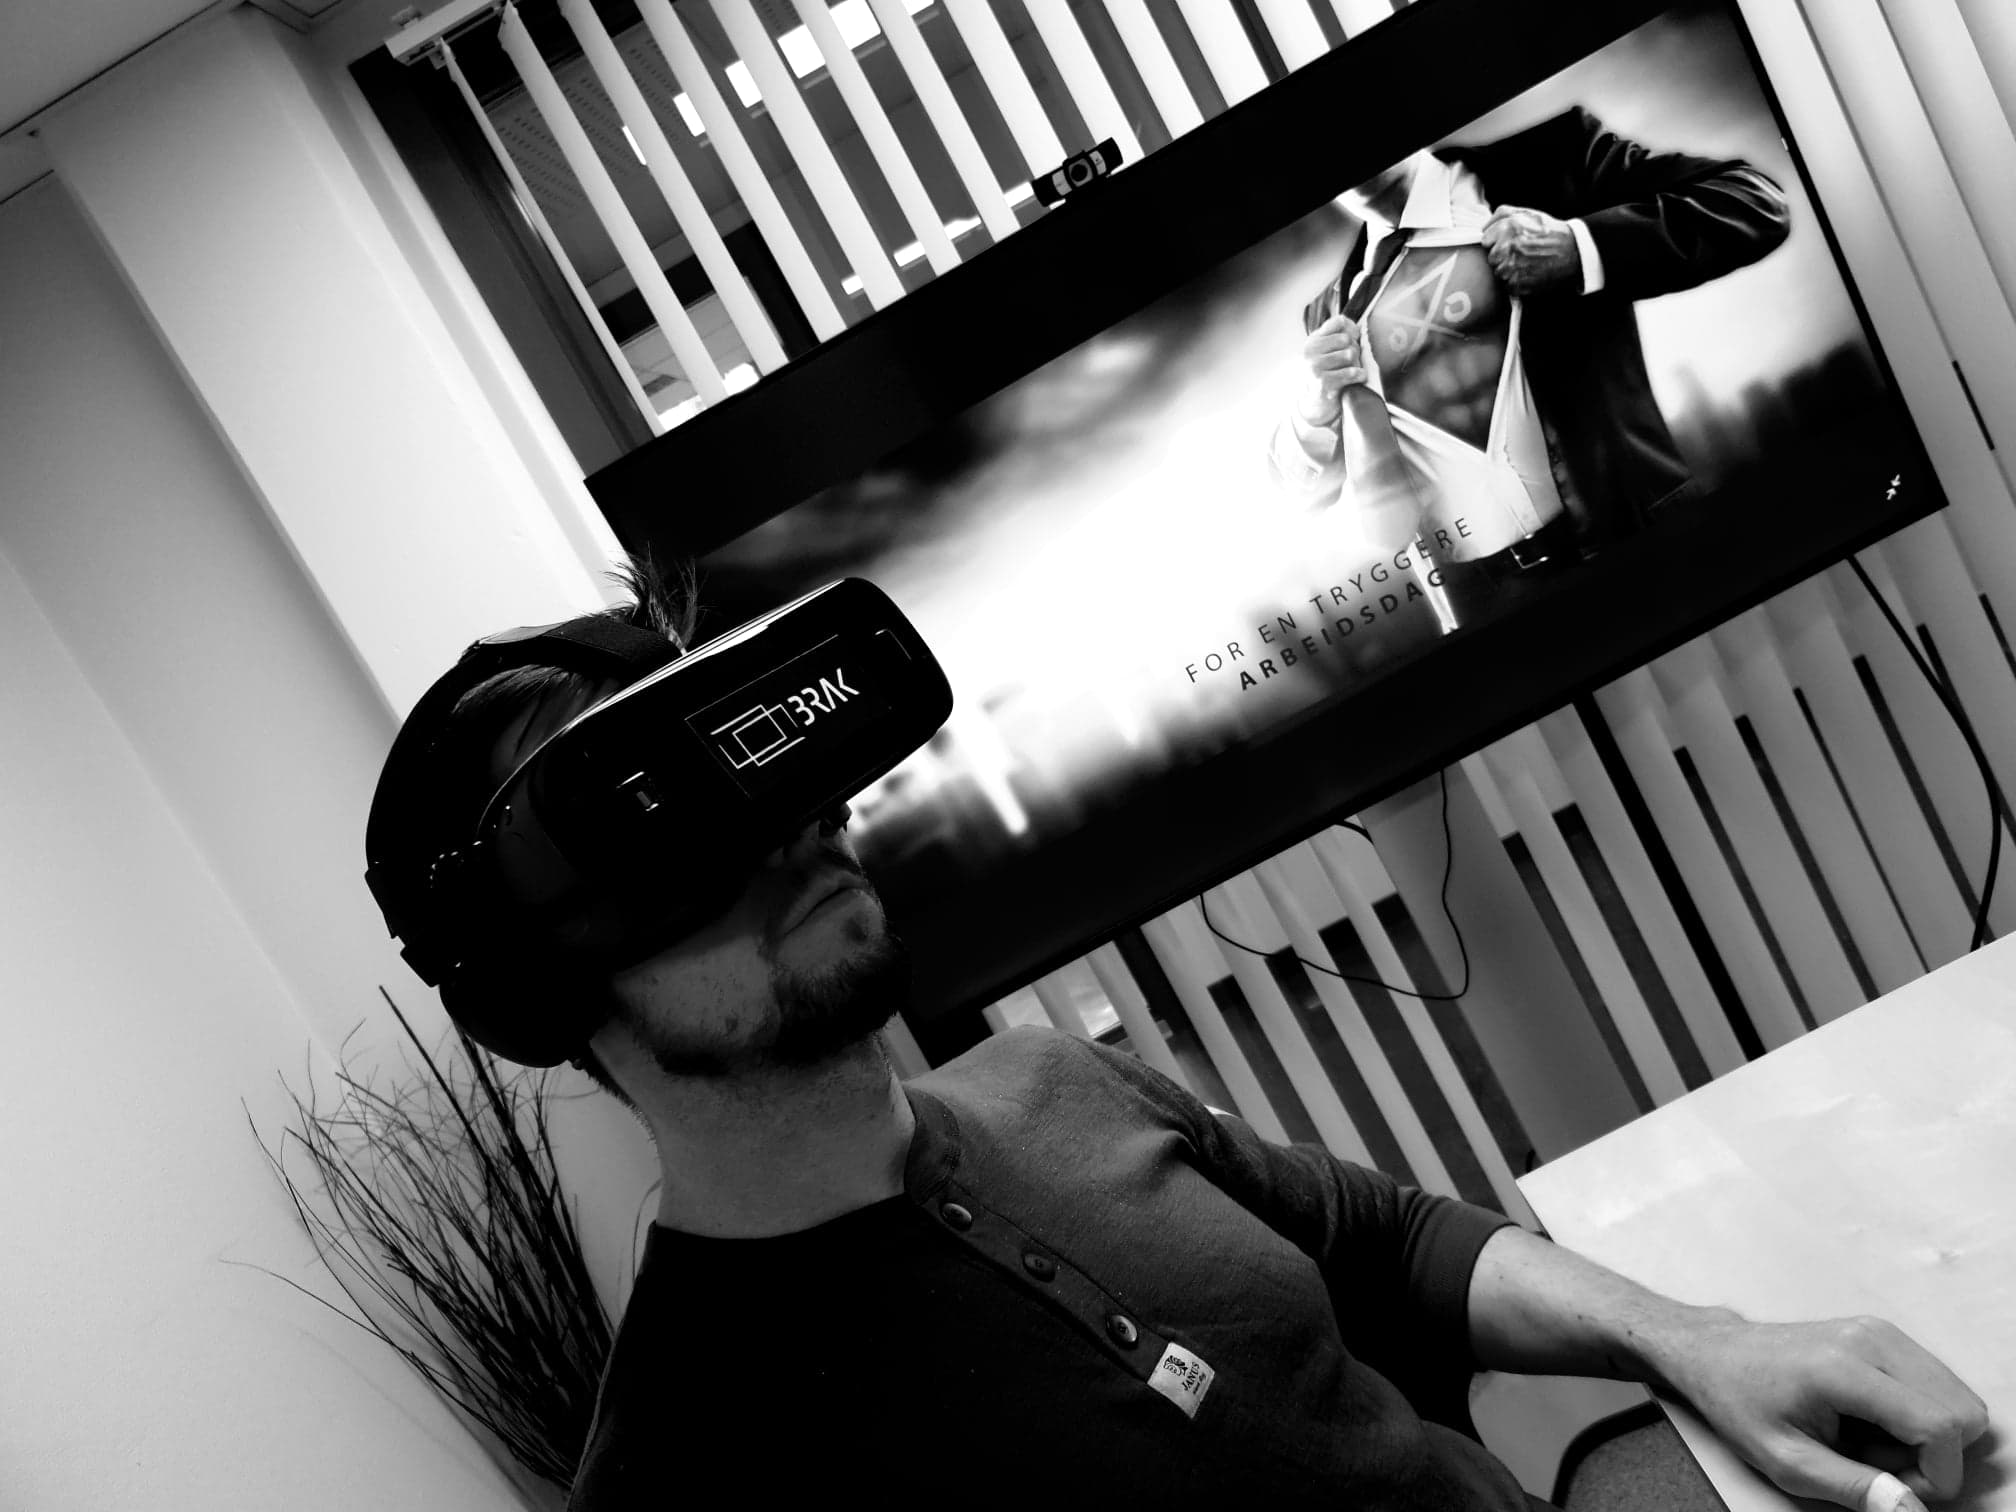 BRAK - VR er en del av vårt konsept og er et system som er enkelt å bruke og kan brukes hvor som helst, når som helst. Systemet bidrar til kontinuitet i utdanningen som er gitt.